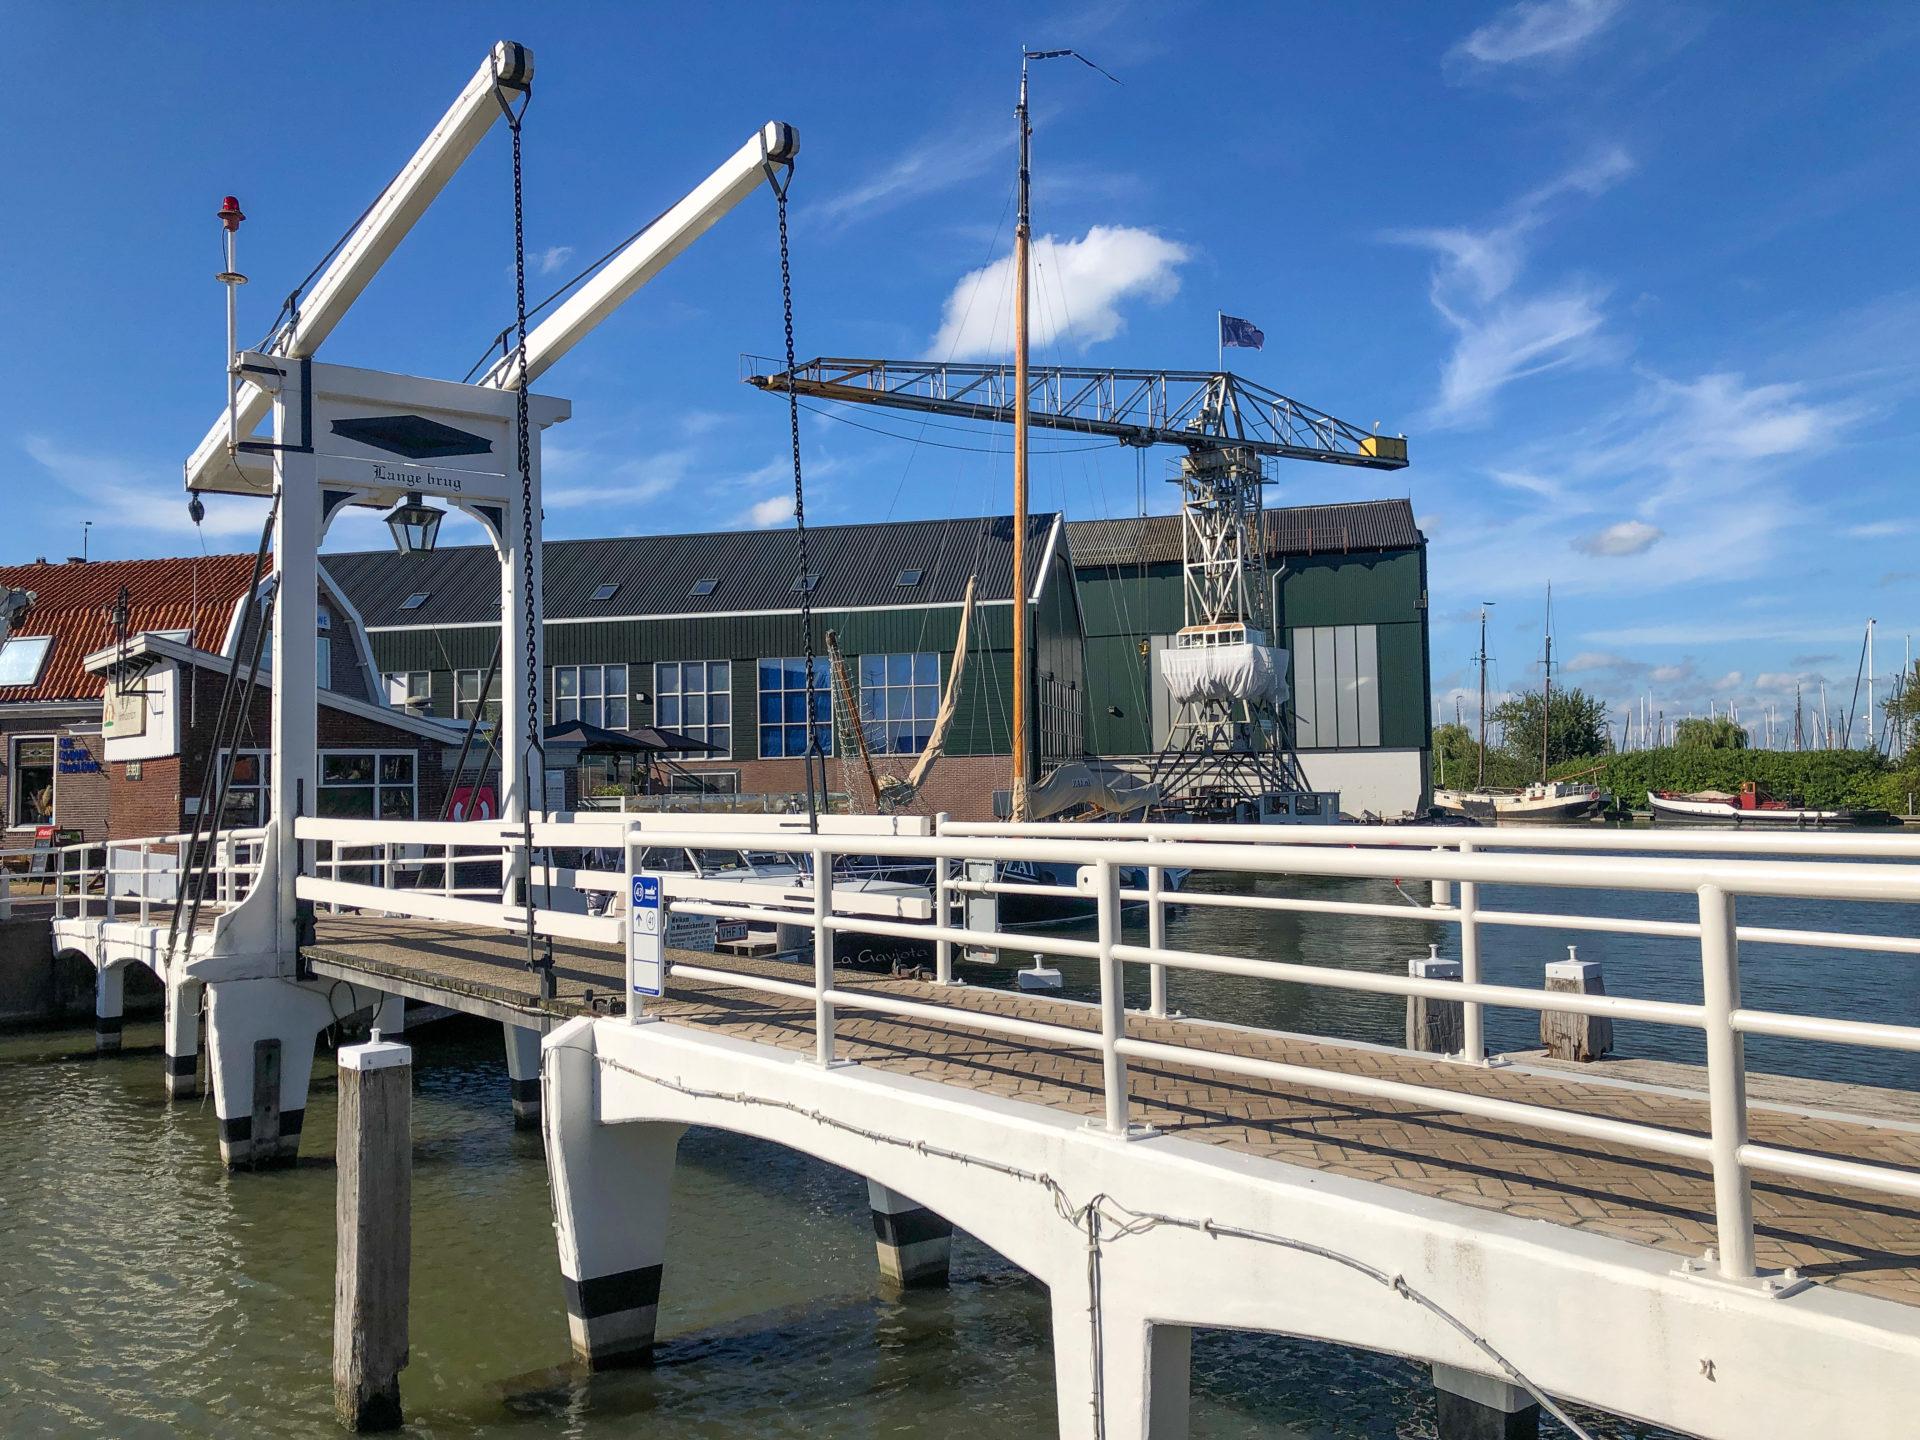 Ziehbrücke am Hafen von Monnickendam mit Kran